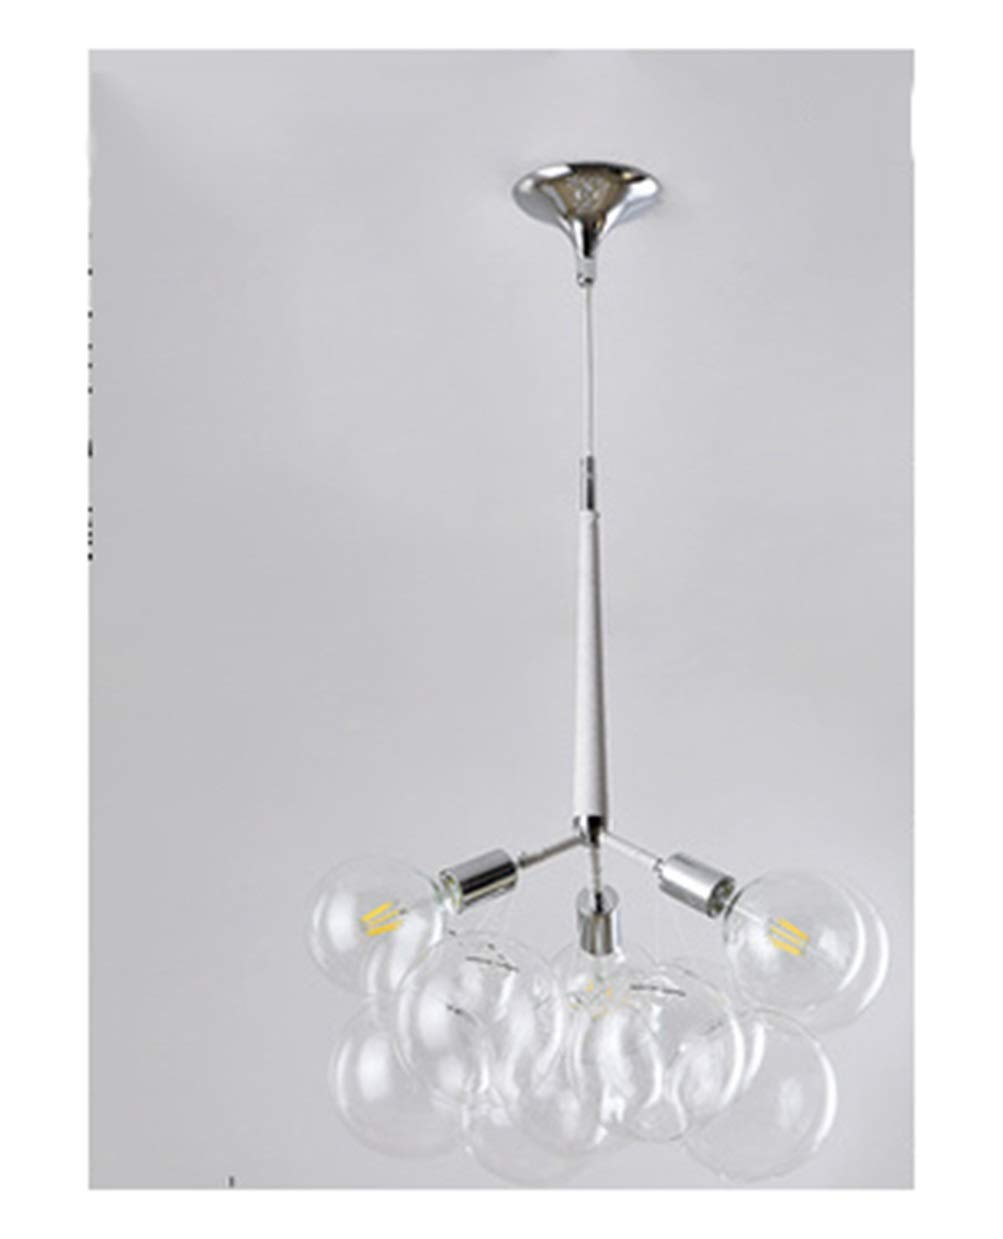 WPQW Sputnikシャンデリア - 北欧バブルボールシャンデリア寝室レストランのリビングルームクリエイティブパーソナリティガラスバブルライト -6552 シャンデリア   B07TXK1WYR